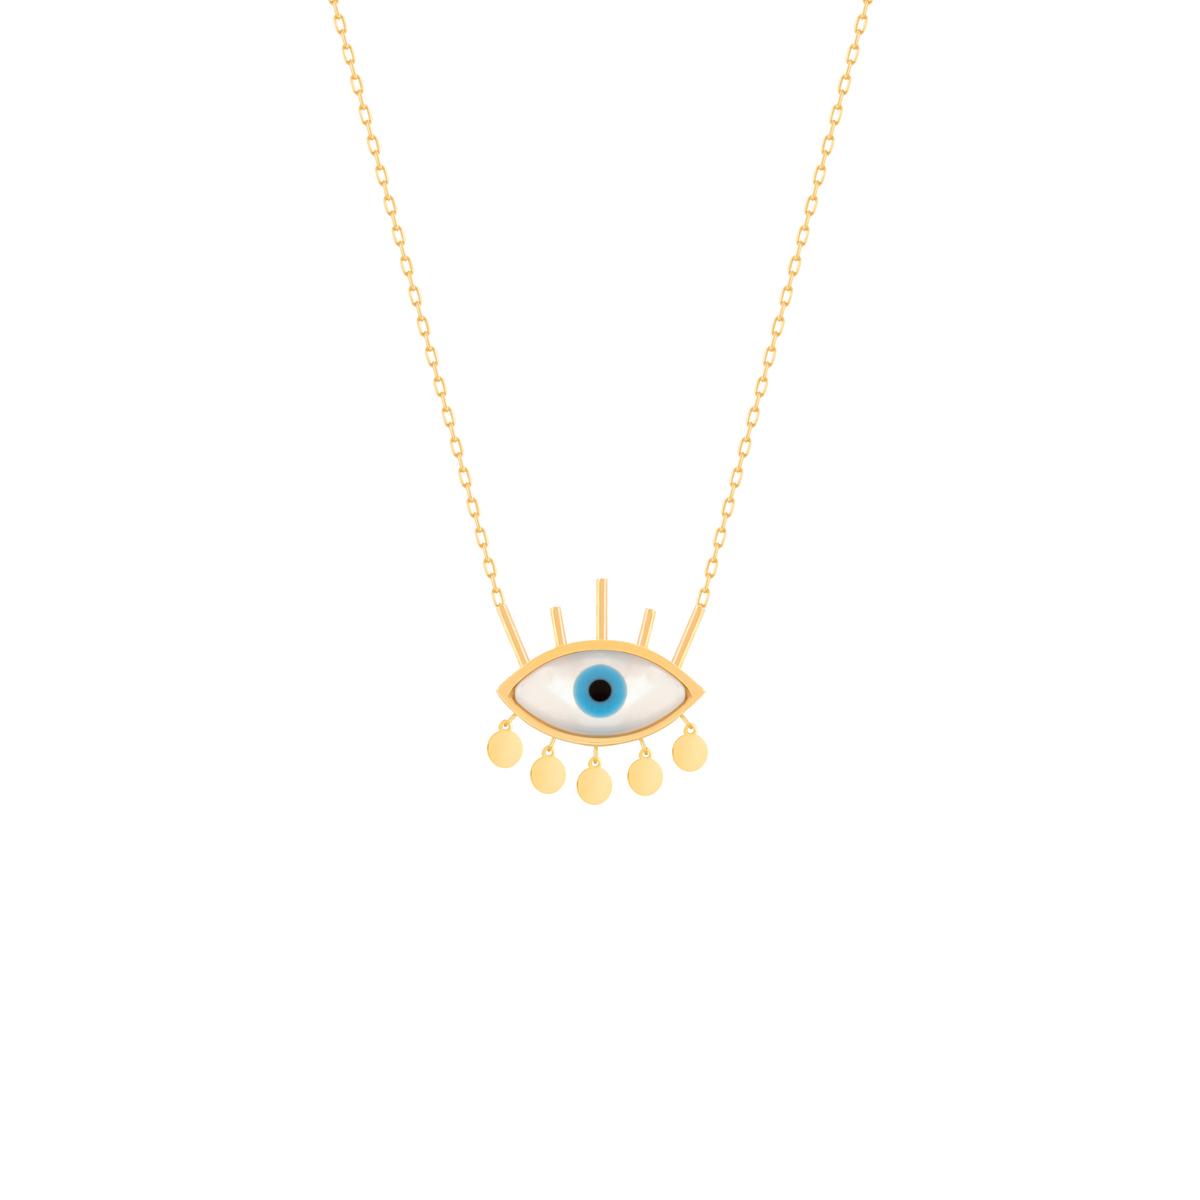 گردنبند طلا چشم مژه دار کوچک و آویز دایره